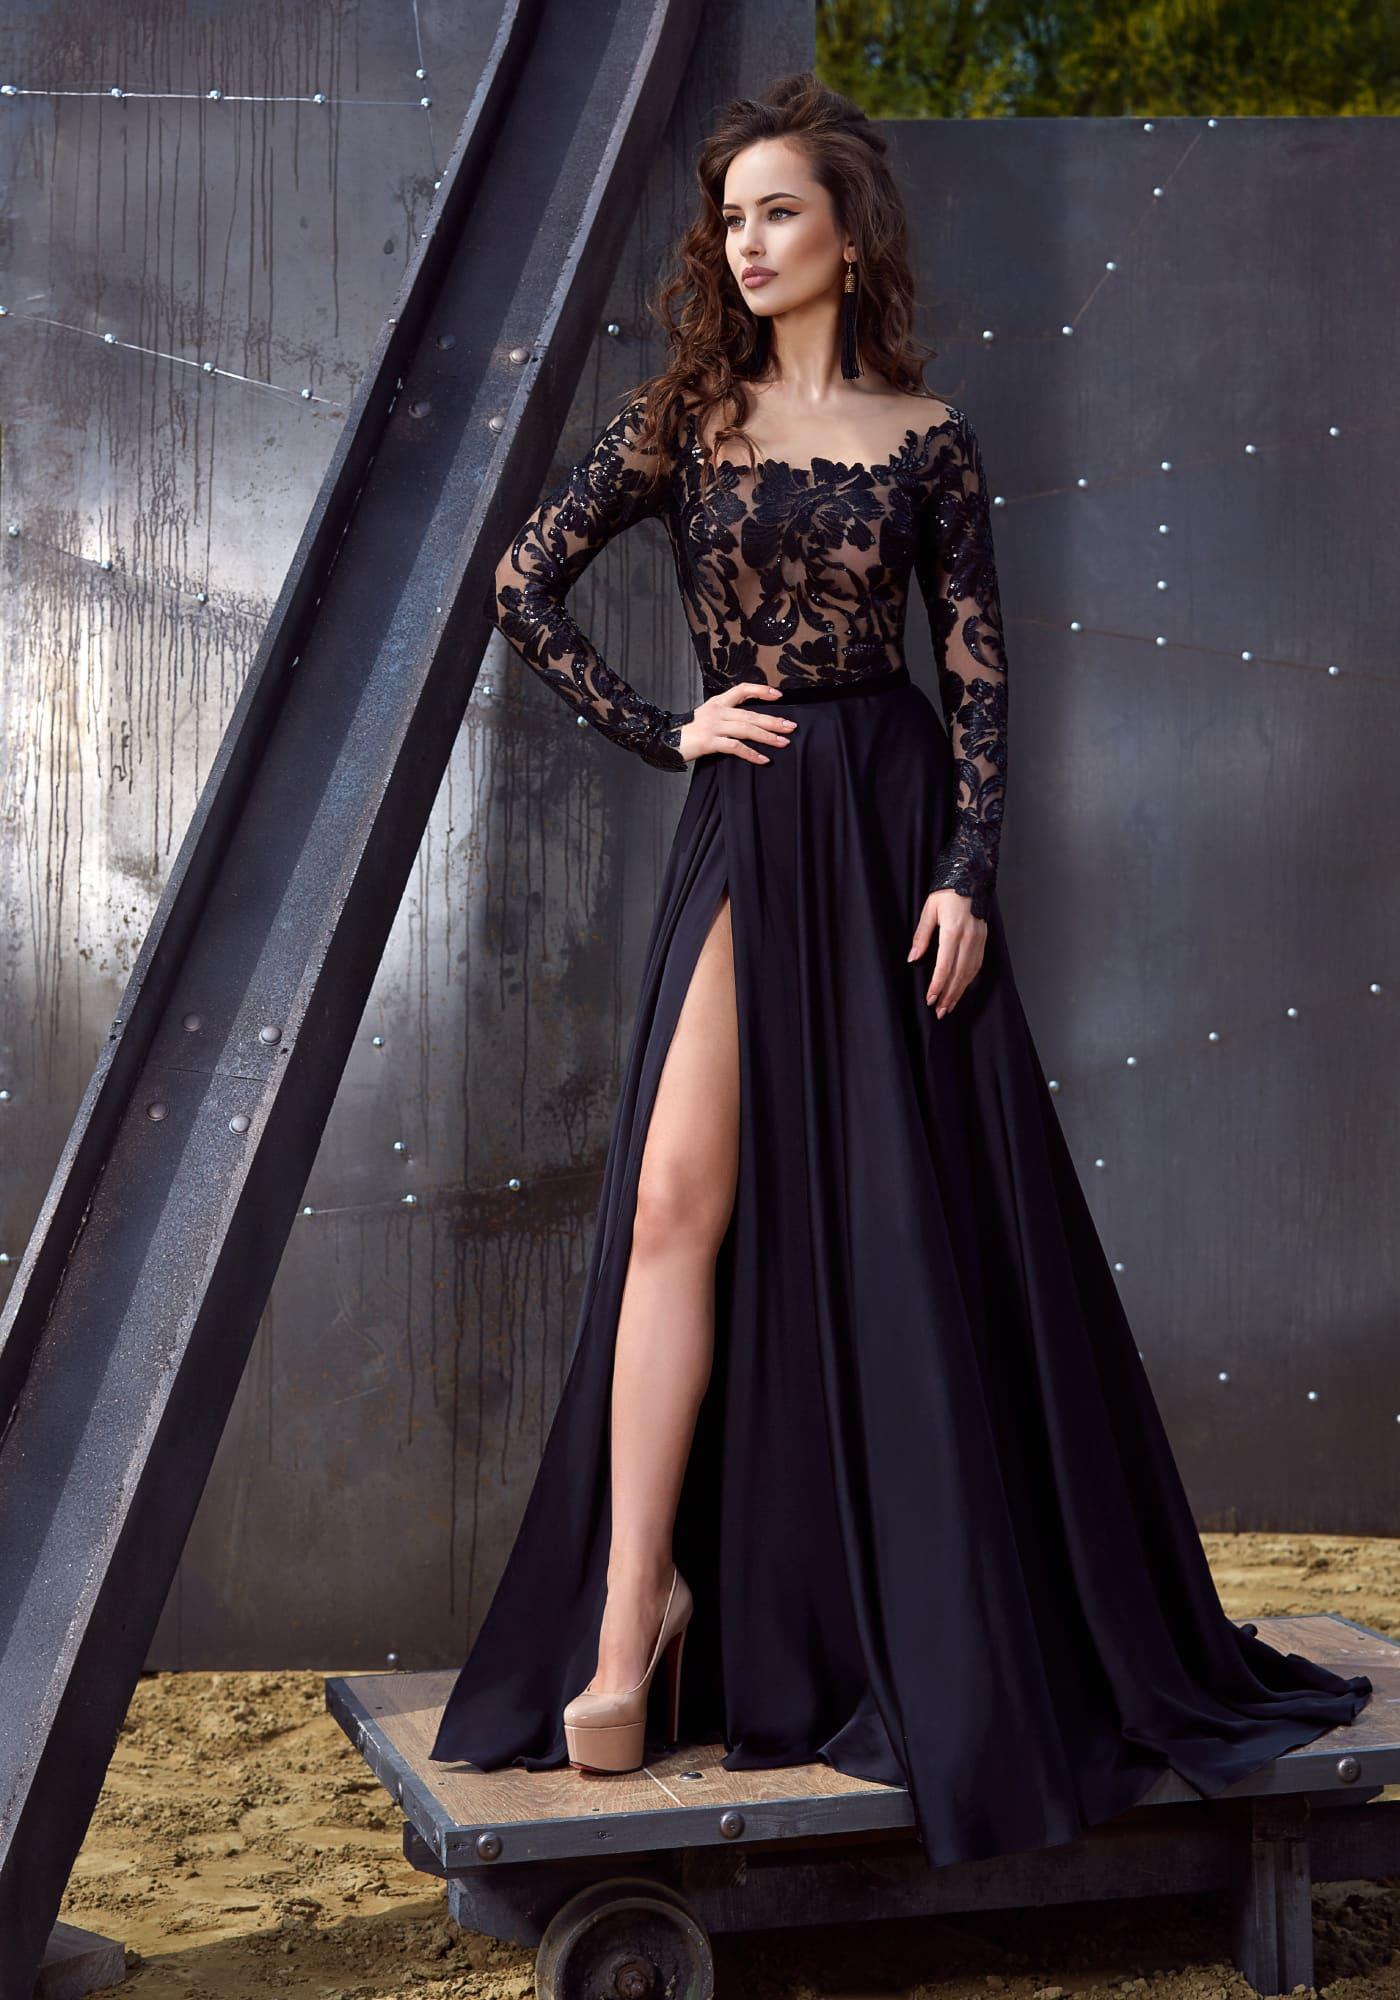 db35cc72ebc Стильное вечернее платье черного цвета с кружевным лифом и высоким разрезом  сбоку на юбке.